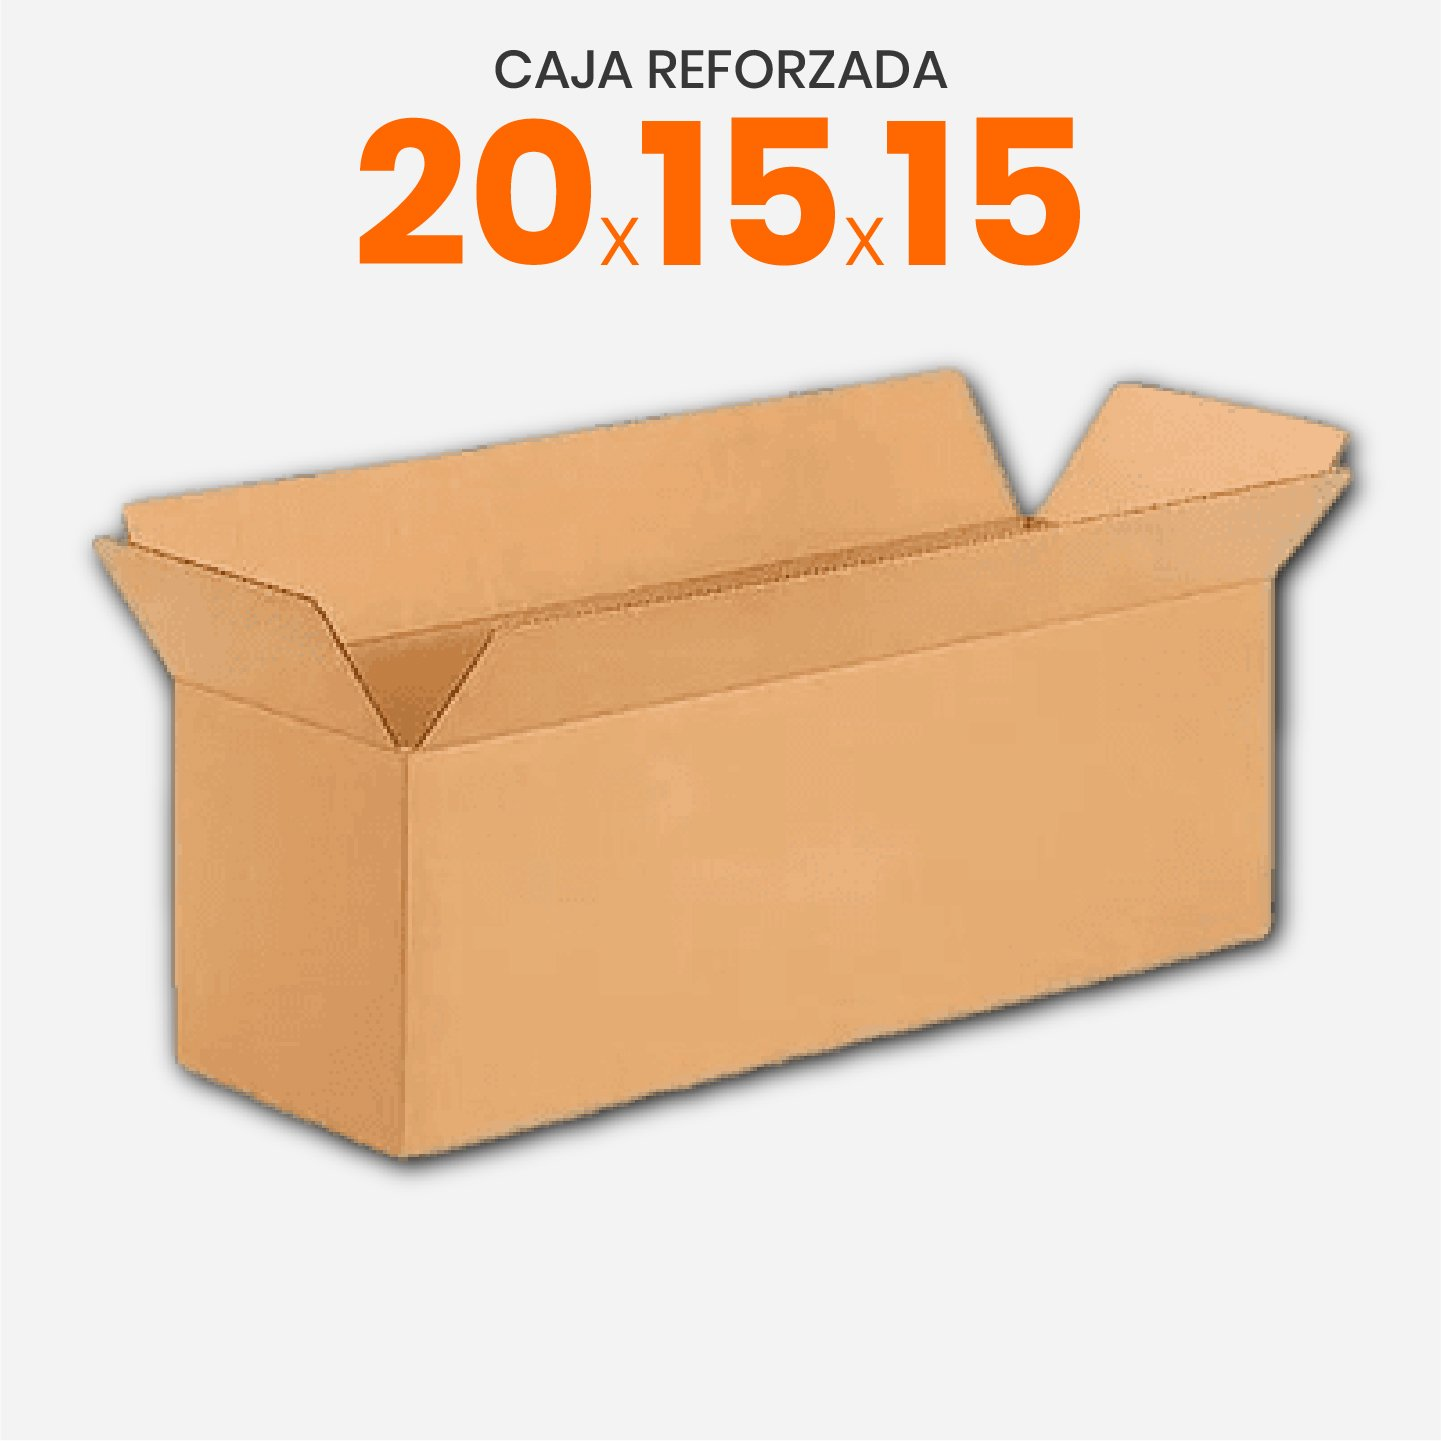 Caja De Cartón Corrugado Reforzada 20x15x15